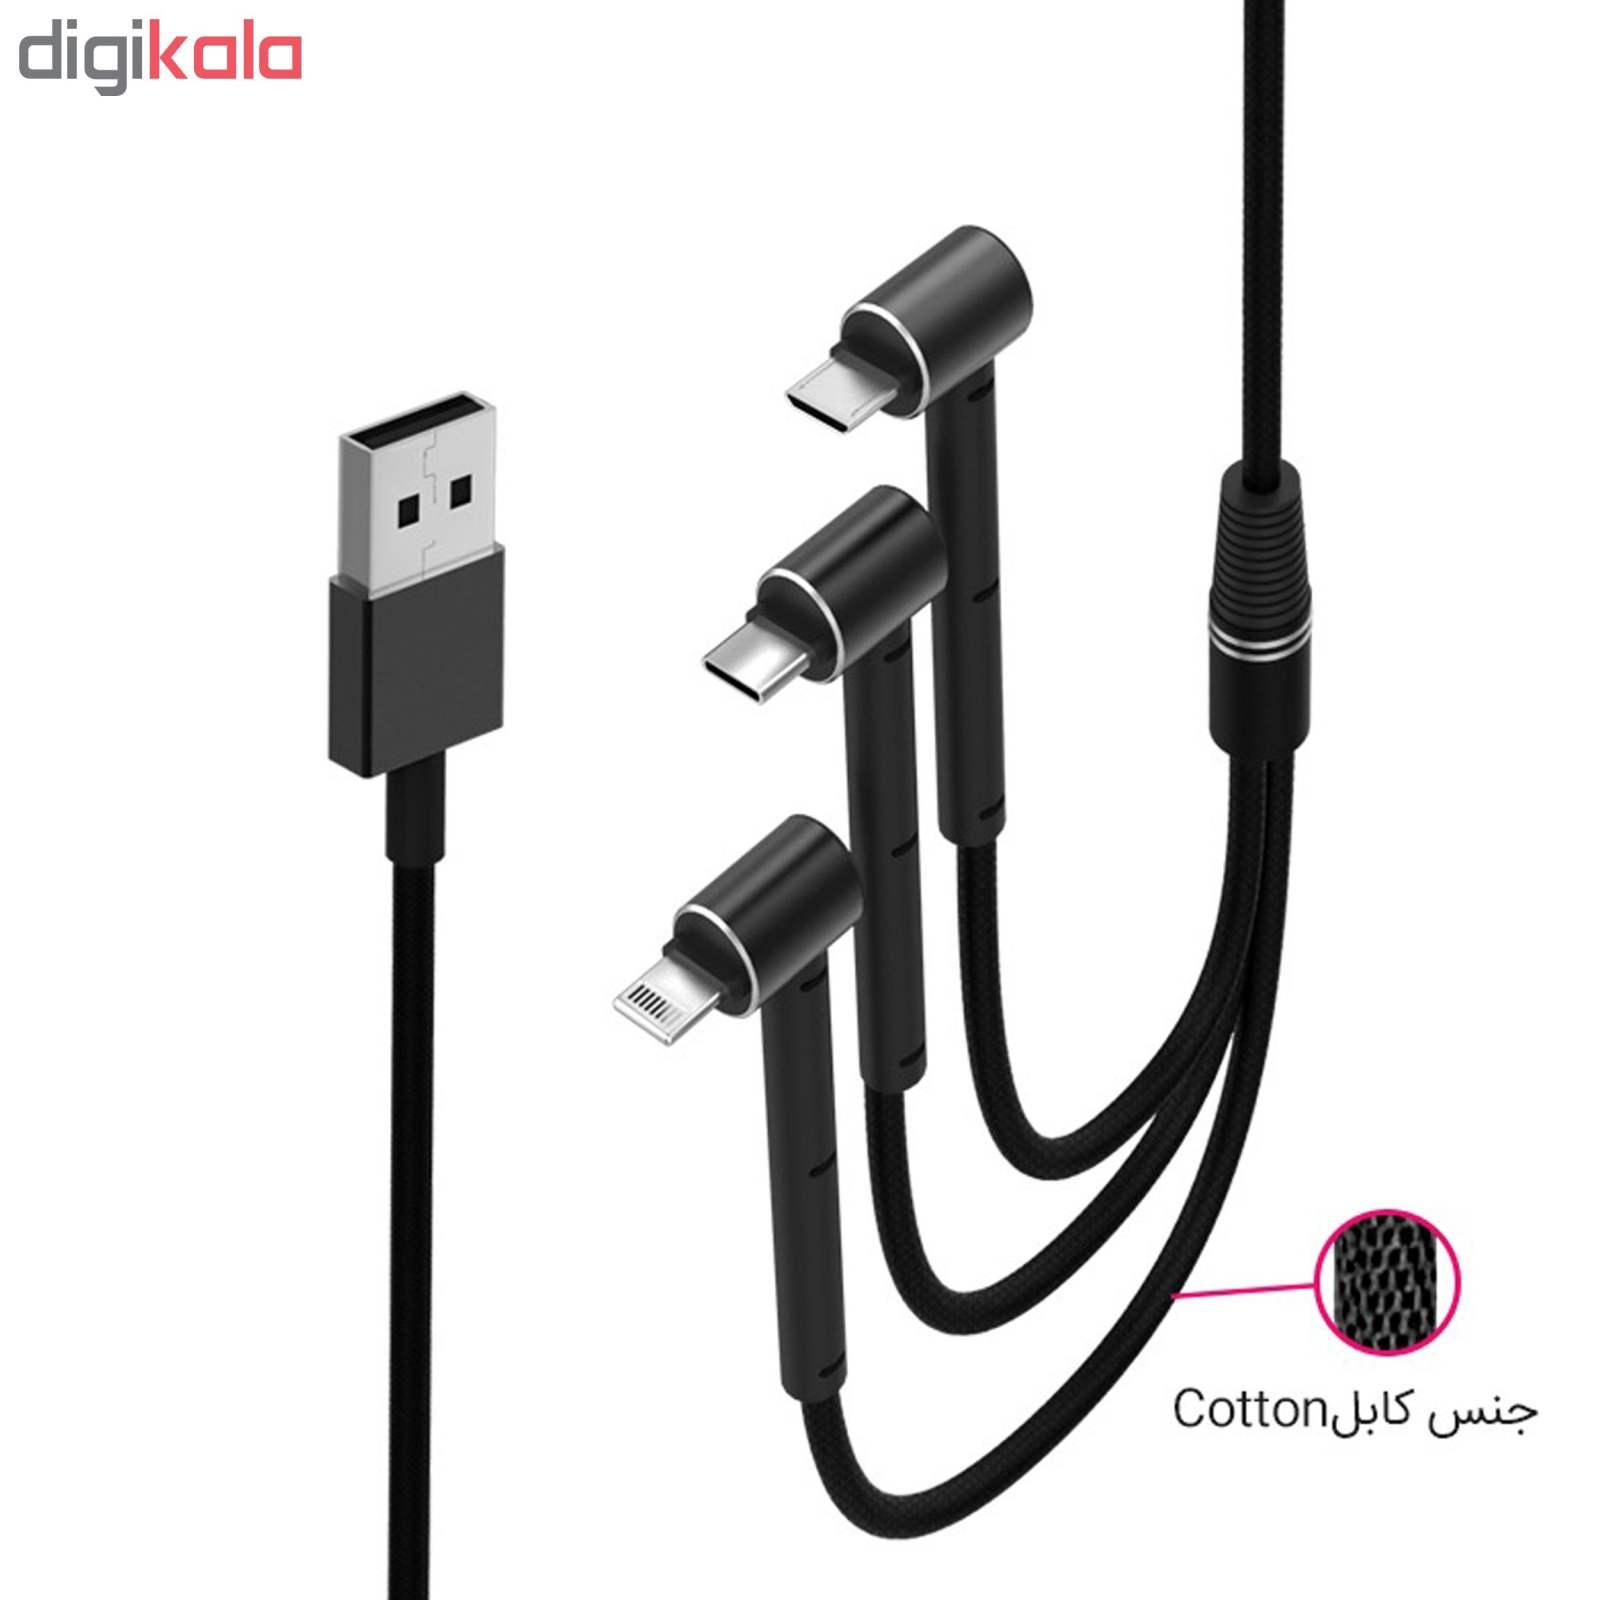 کابل تبدیل USB به MicroUSB/Lightning/USB-C تسکو مدل TC A100 طول 1.2 متر main 1 5